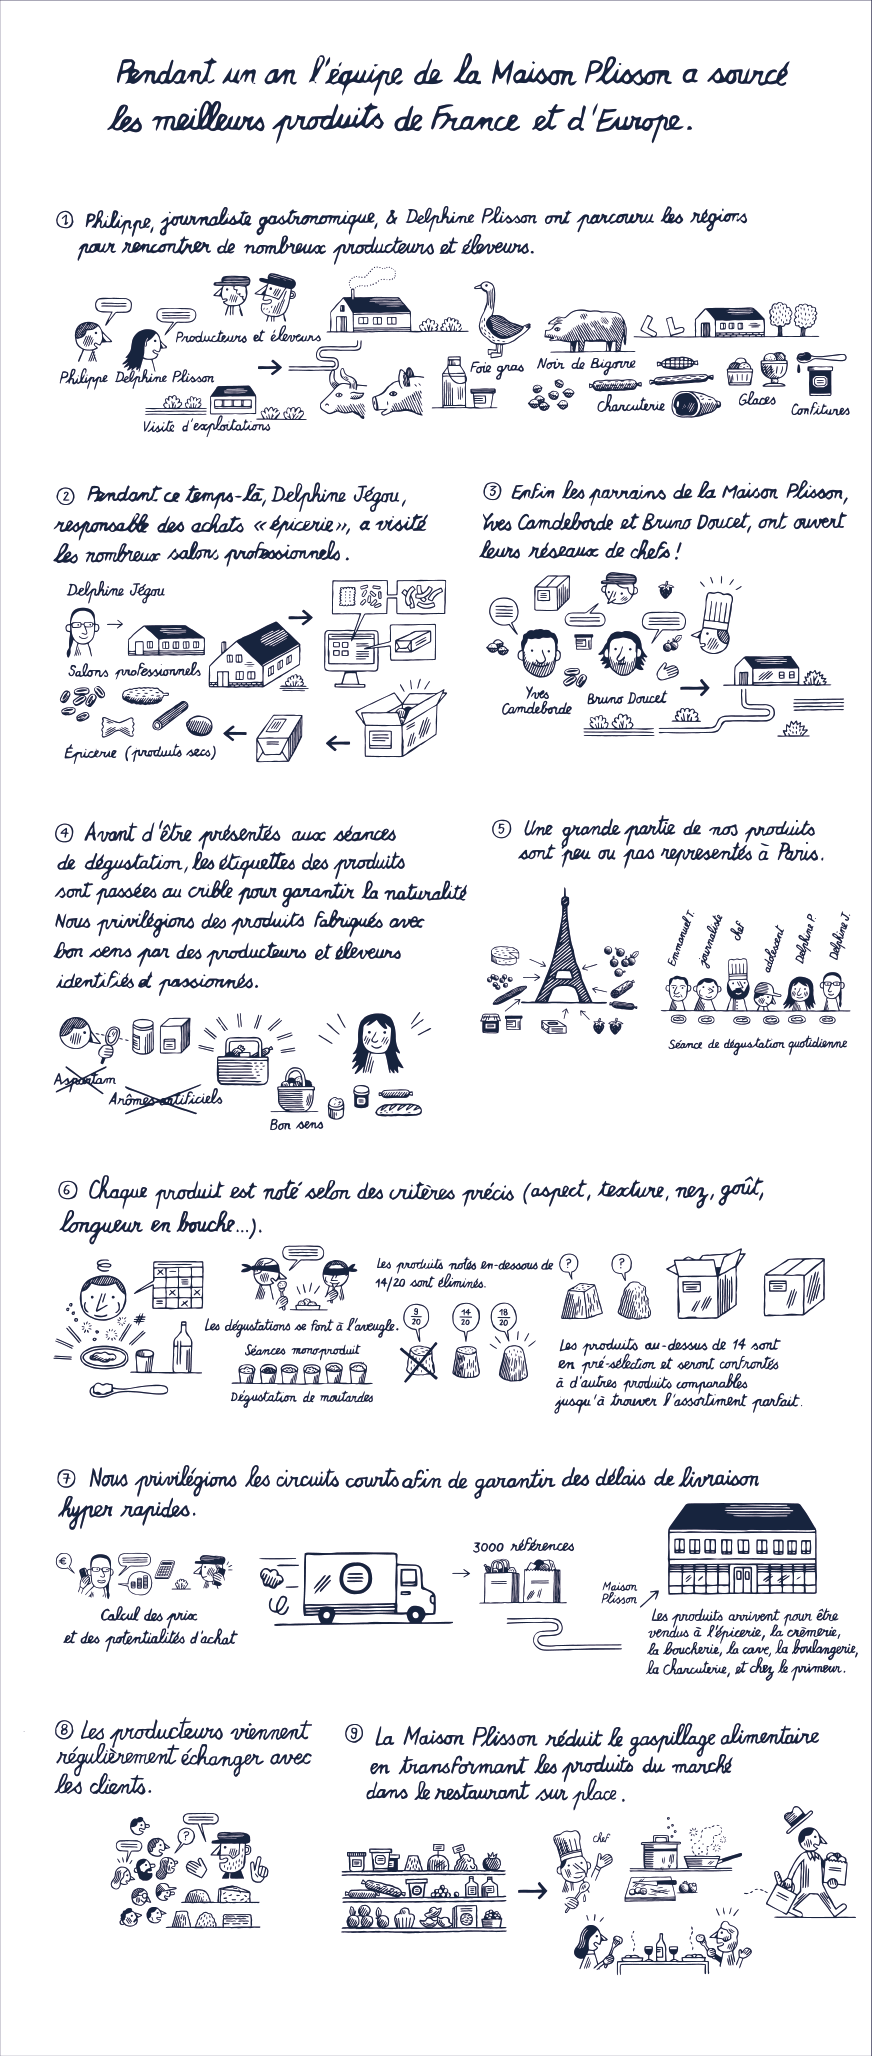 [[The opening of Paris' hypest épicerie, is a good excuse to expose my love for  Jochen Gerner 's work./// L'ouverture de la plus hype des épiceries parisiennes est une bonne excuse pour exposer mon amour pour le travail de  Jochen Gerner .]]